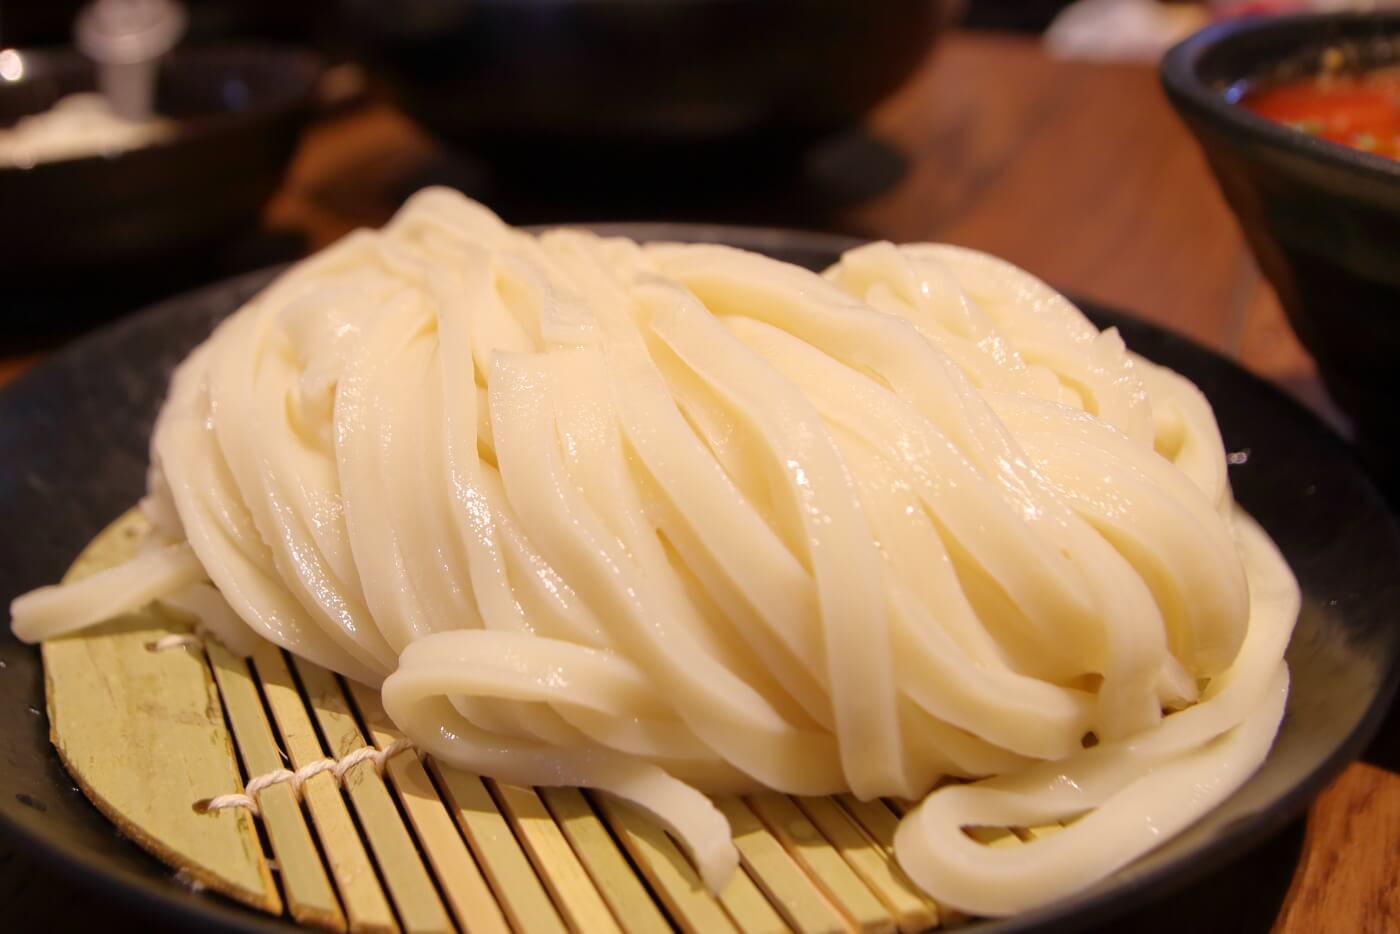 うどんおよべ 高知蔦屋書店 うどんの麺線